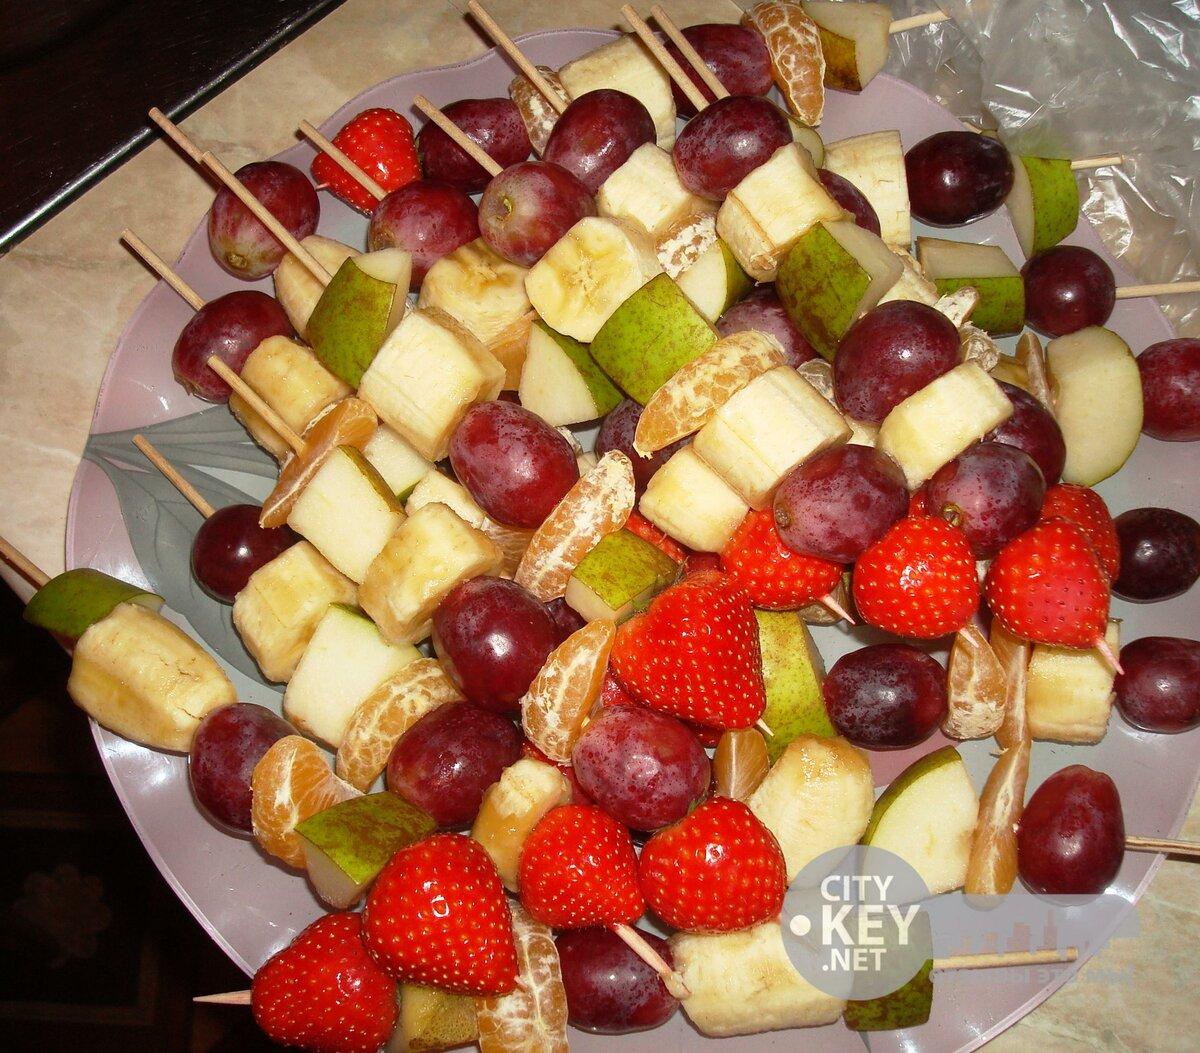 пришлось как красиво сделать канапе из фруктов фото сестра